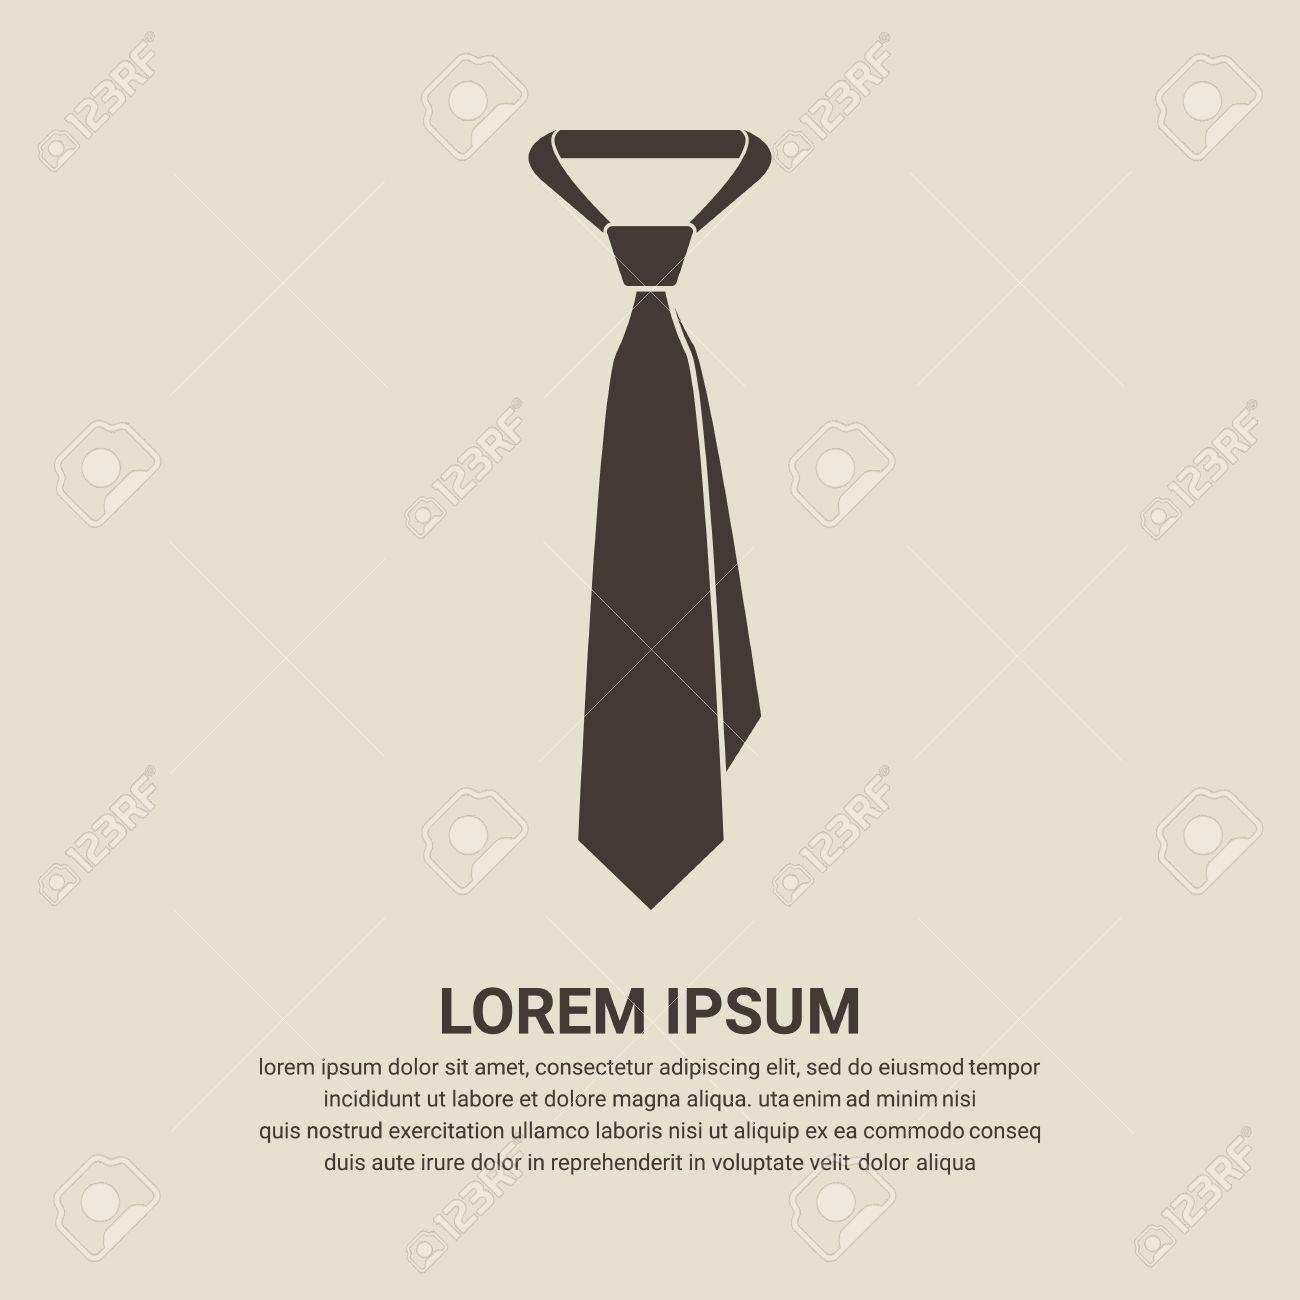 Tie icon - Vector - 55799809